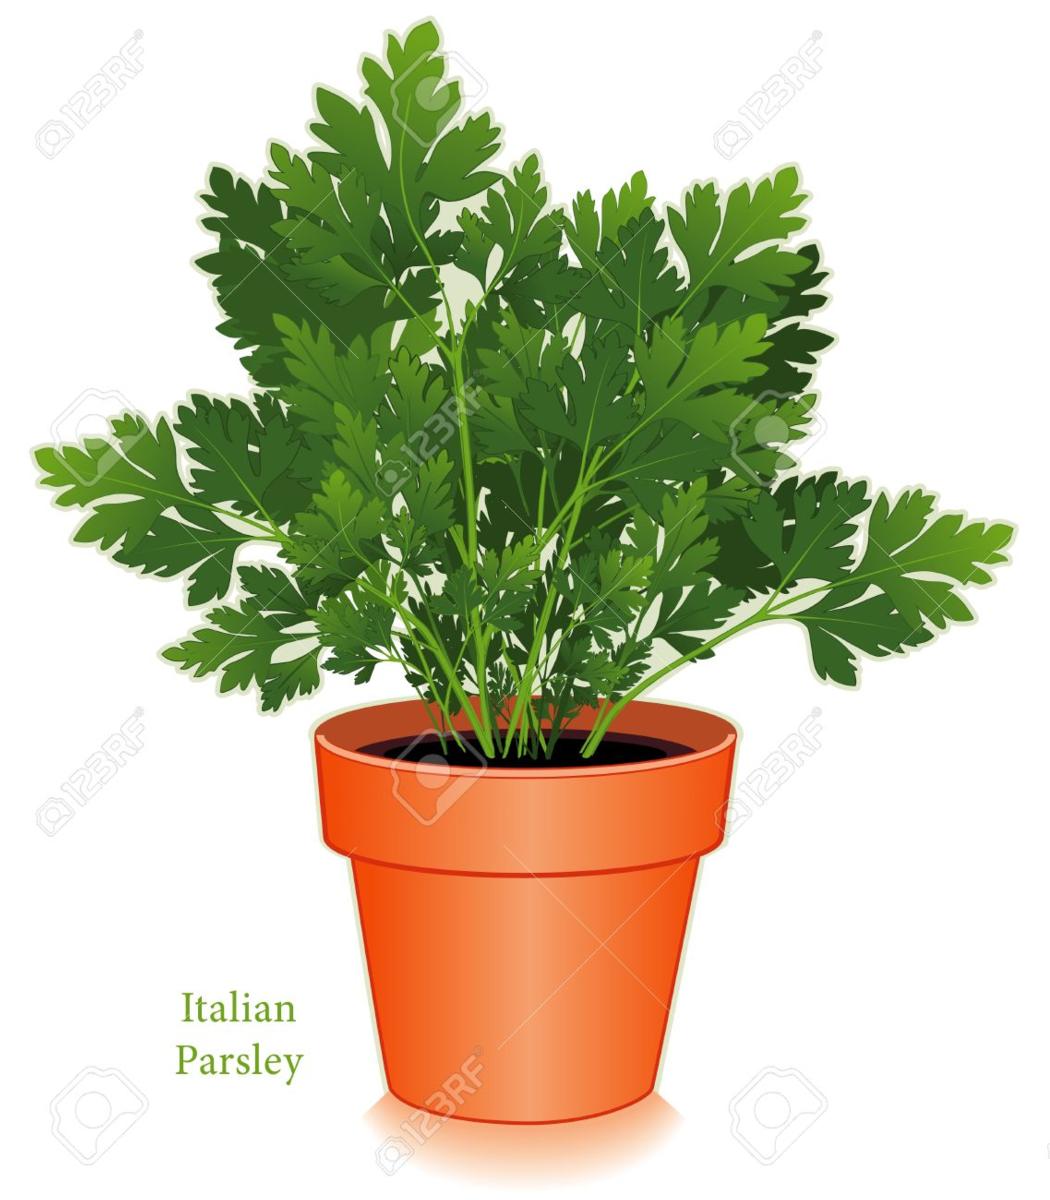 Parsley Flat Leaf Italian